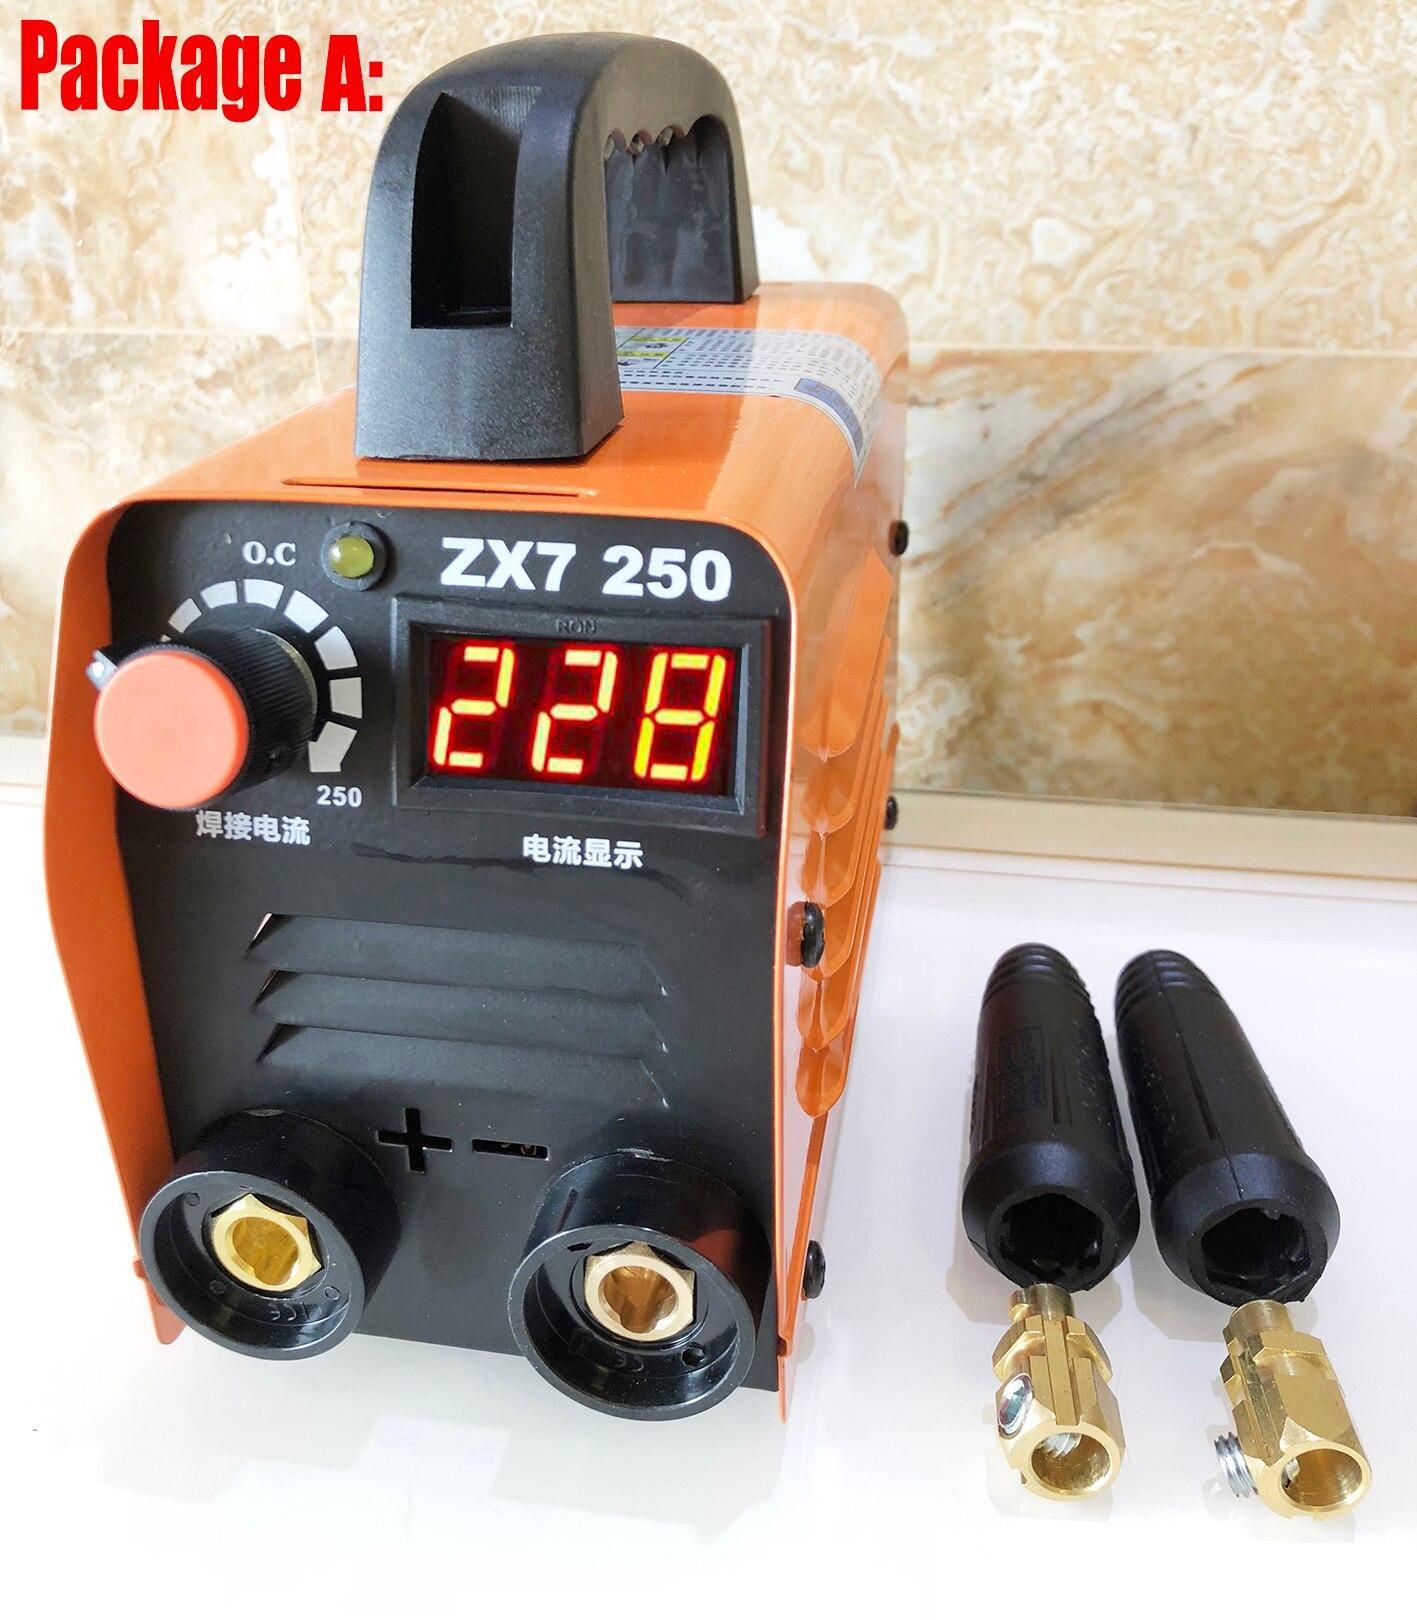 ZX7-250 Mini Schweißen Maschine ARC Schweißer 220V MMA Schweißen inverter Schweißen Halbautomatische Gerät